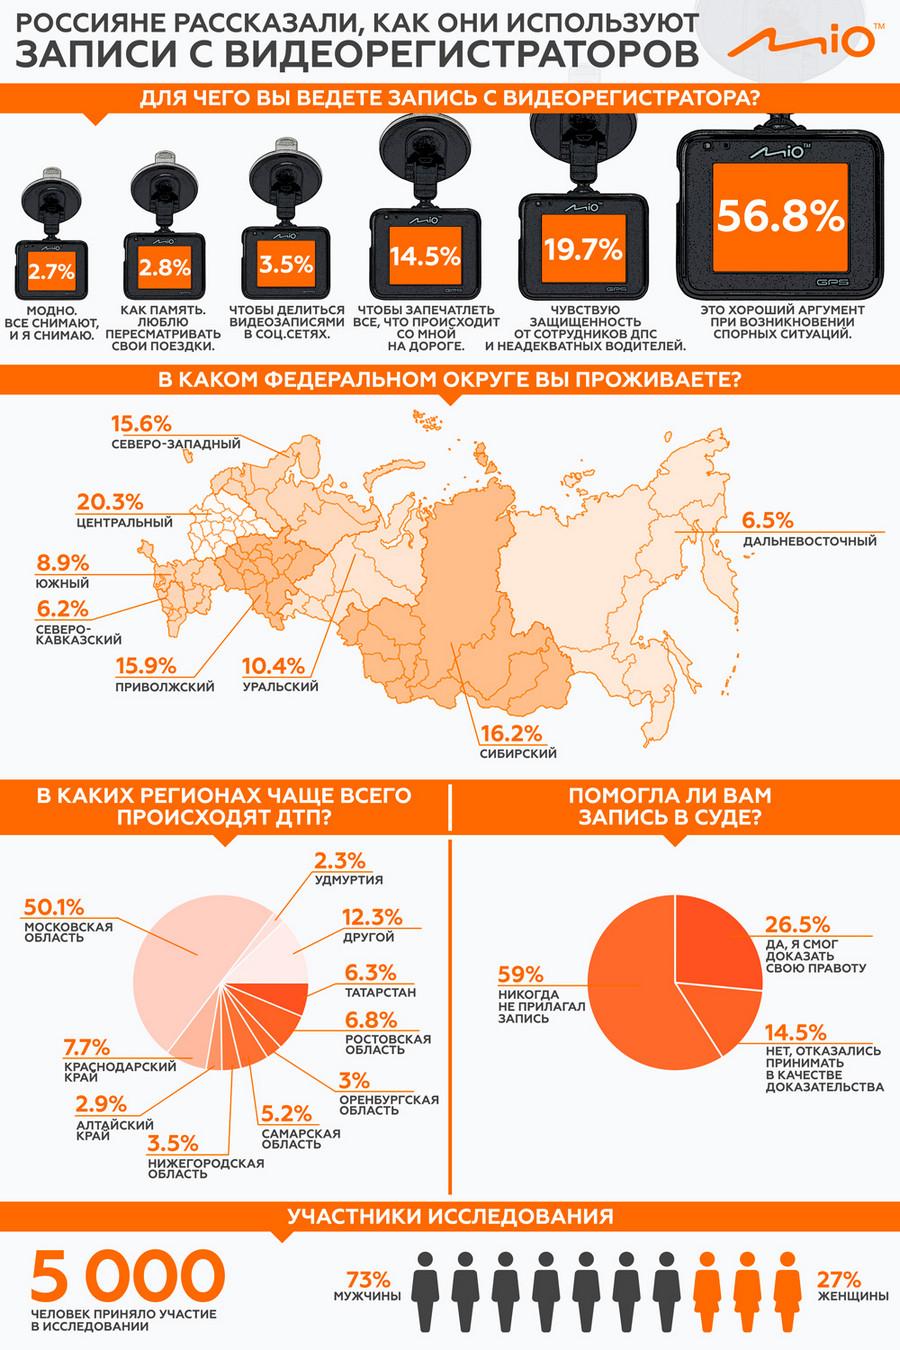 как водители в России используют видеорегистраторы